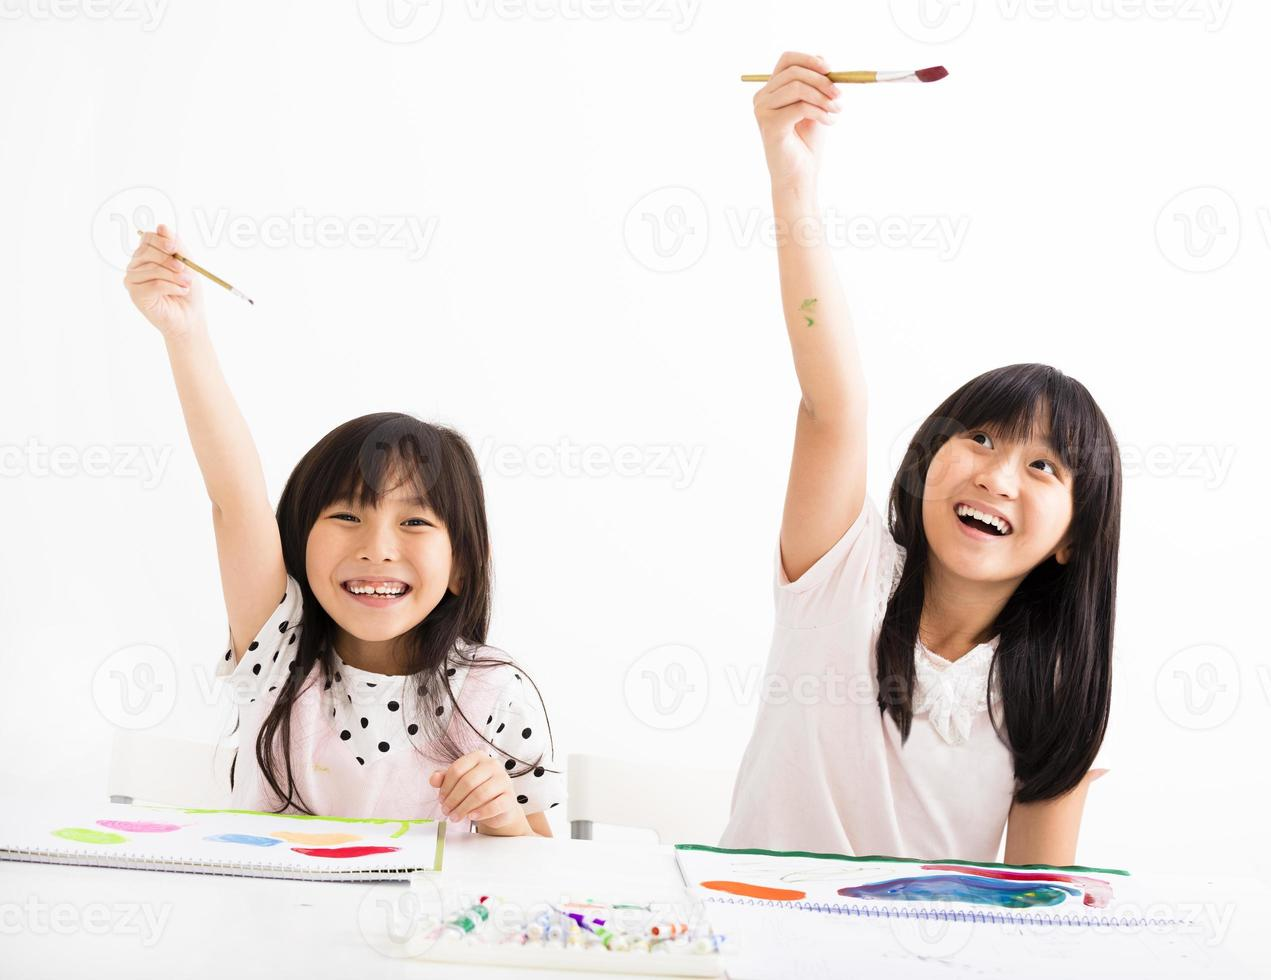 enfants heureux, peinture dans la salle de classe photo